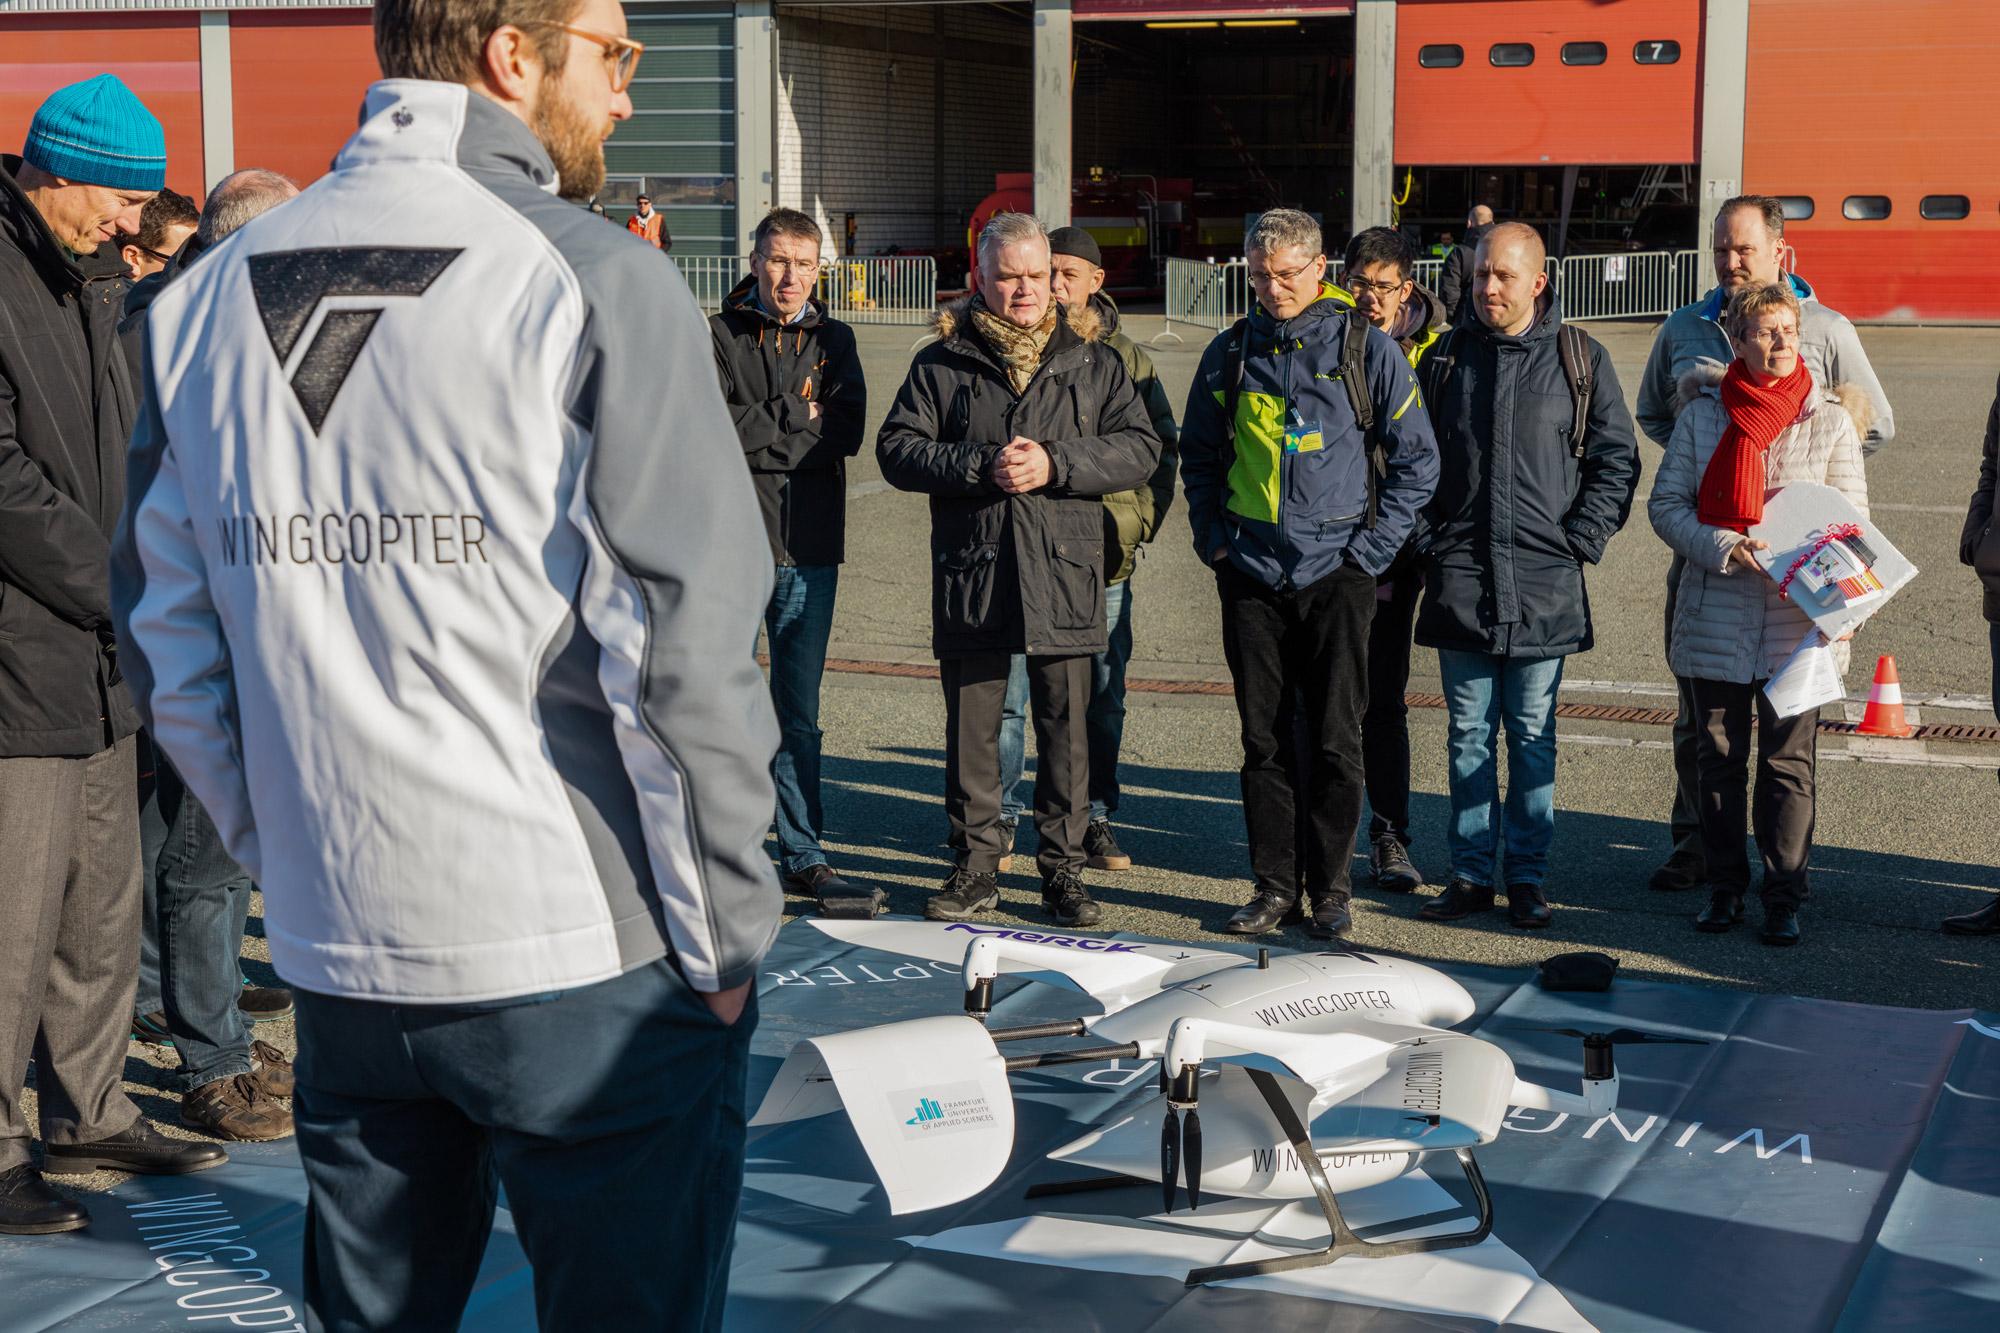 Wingcopter_Merck_bea-6-web